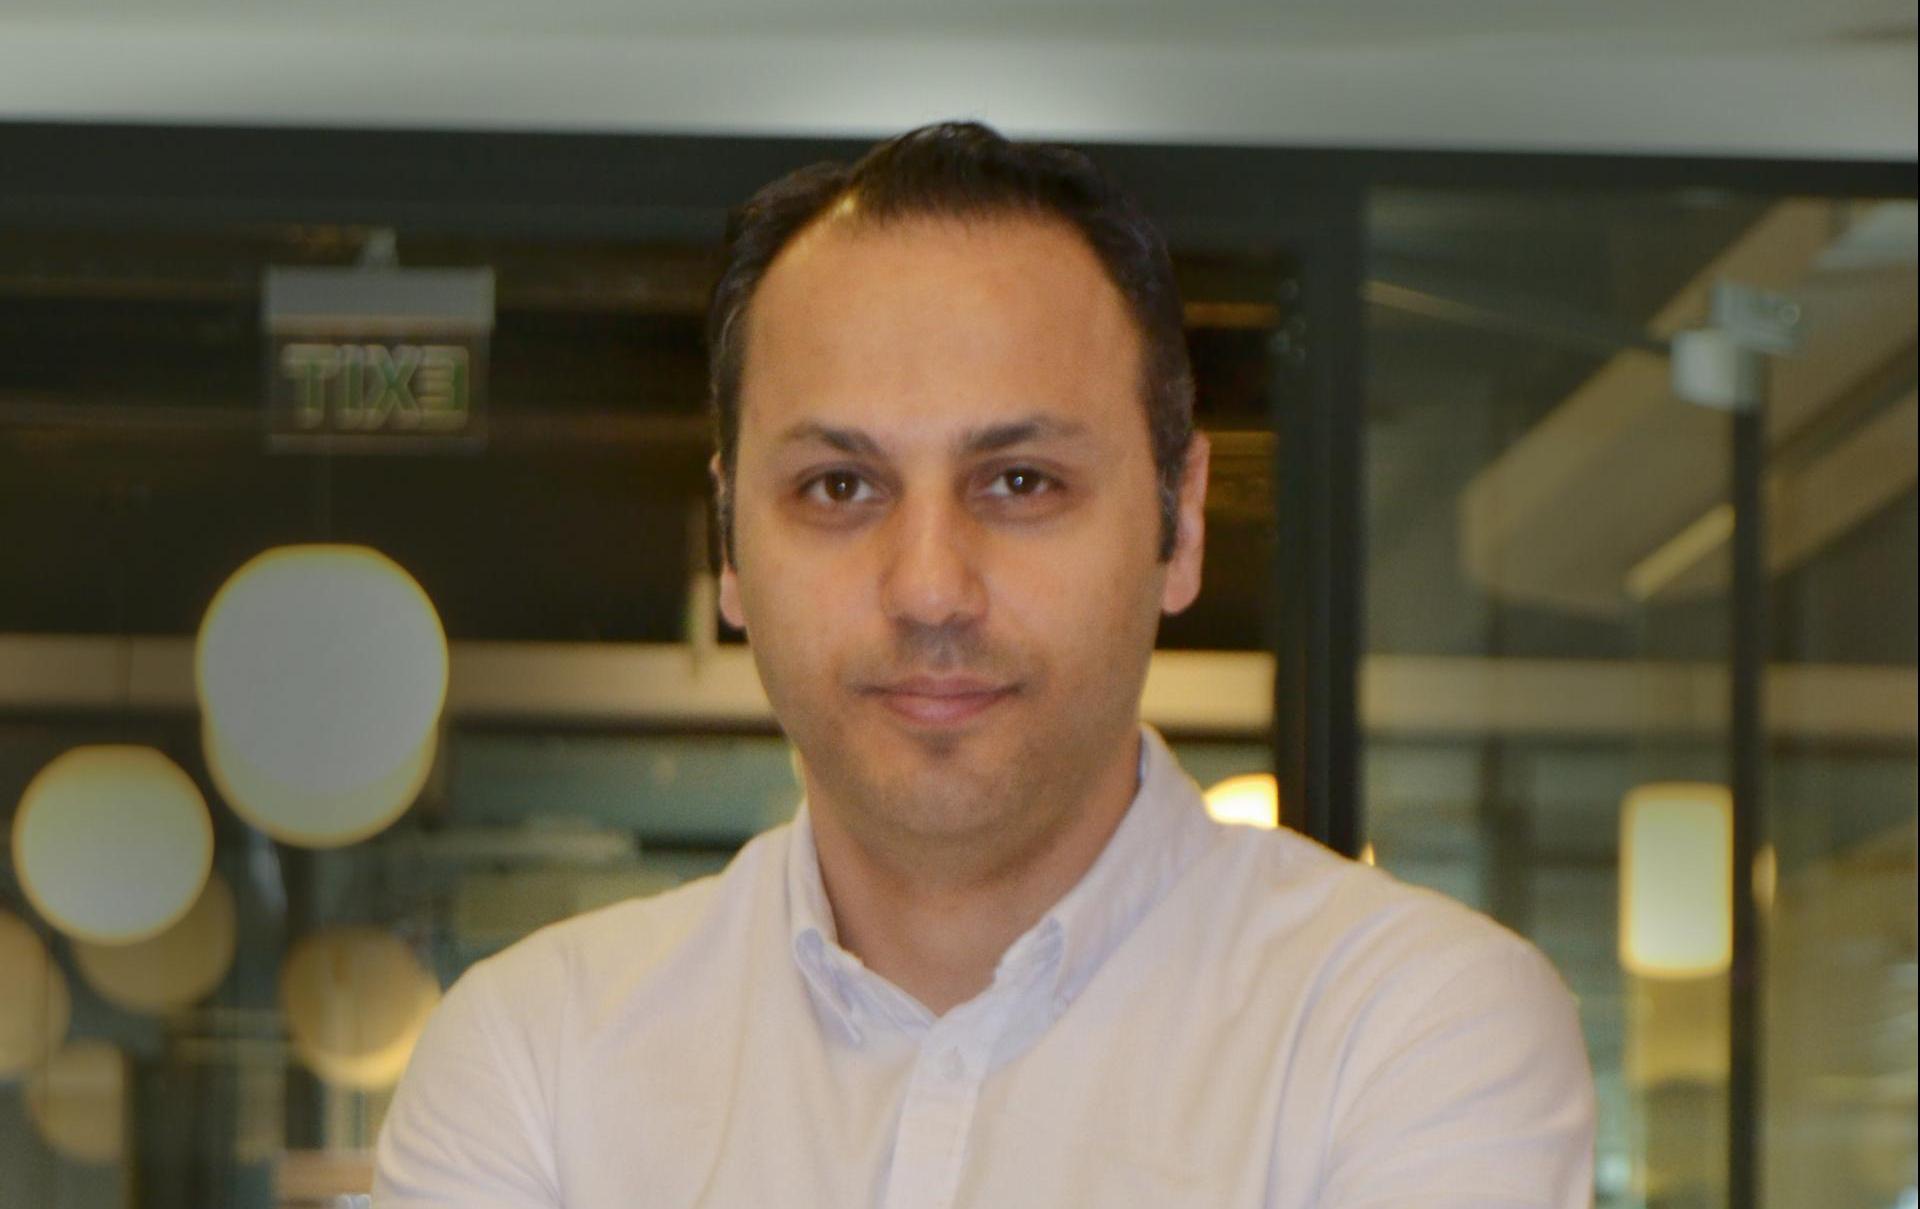 Kariyer.net'in yeni CTO'su Hüseyin Yurtseven oldu